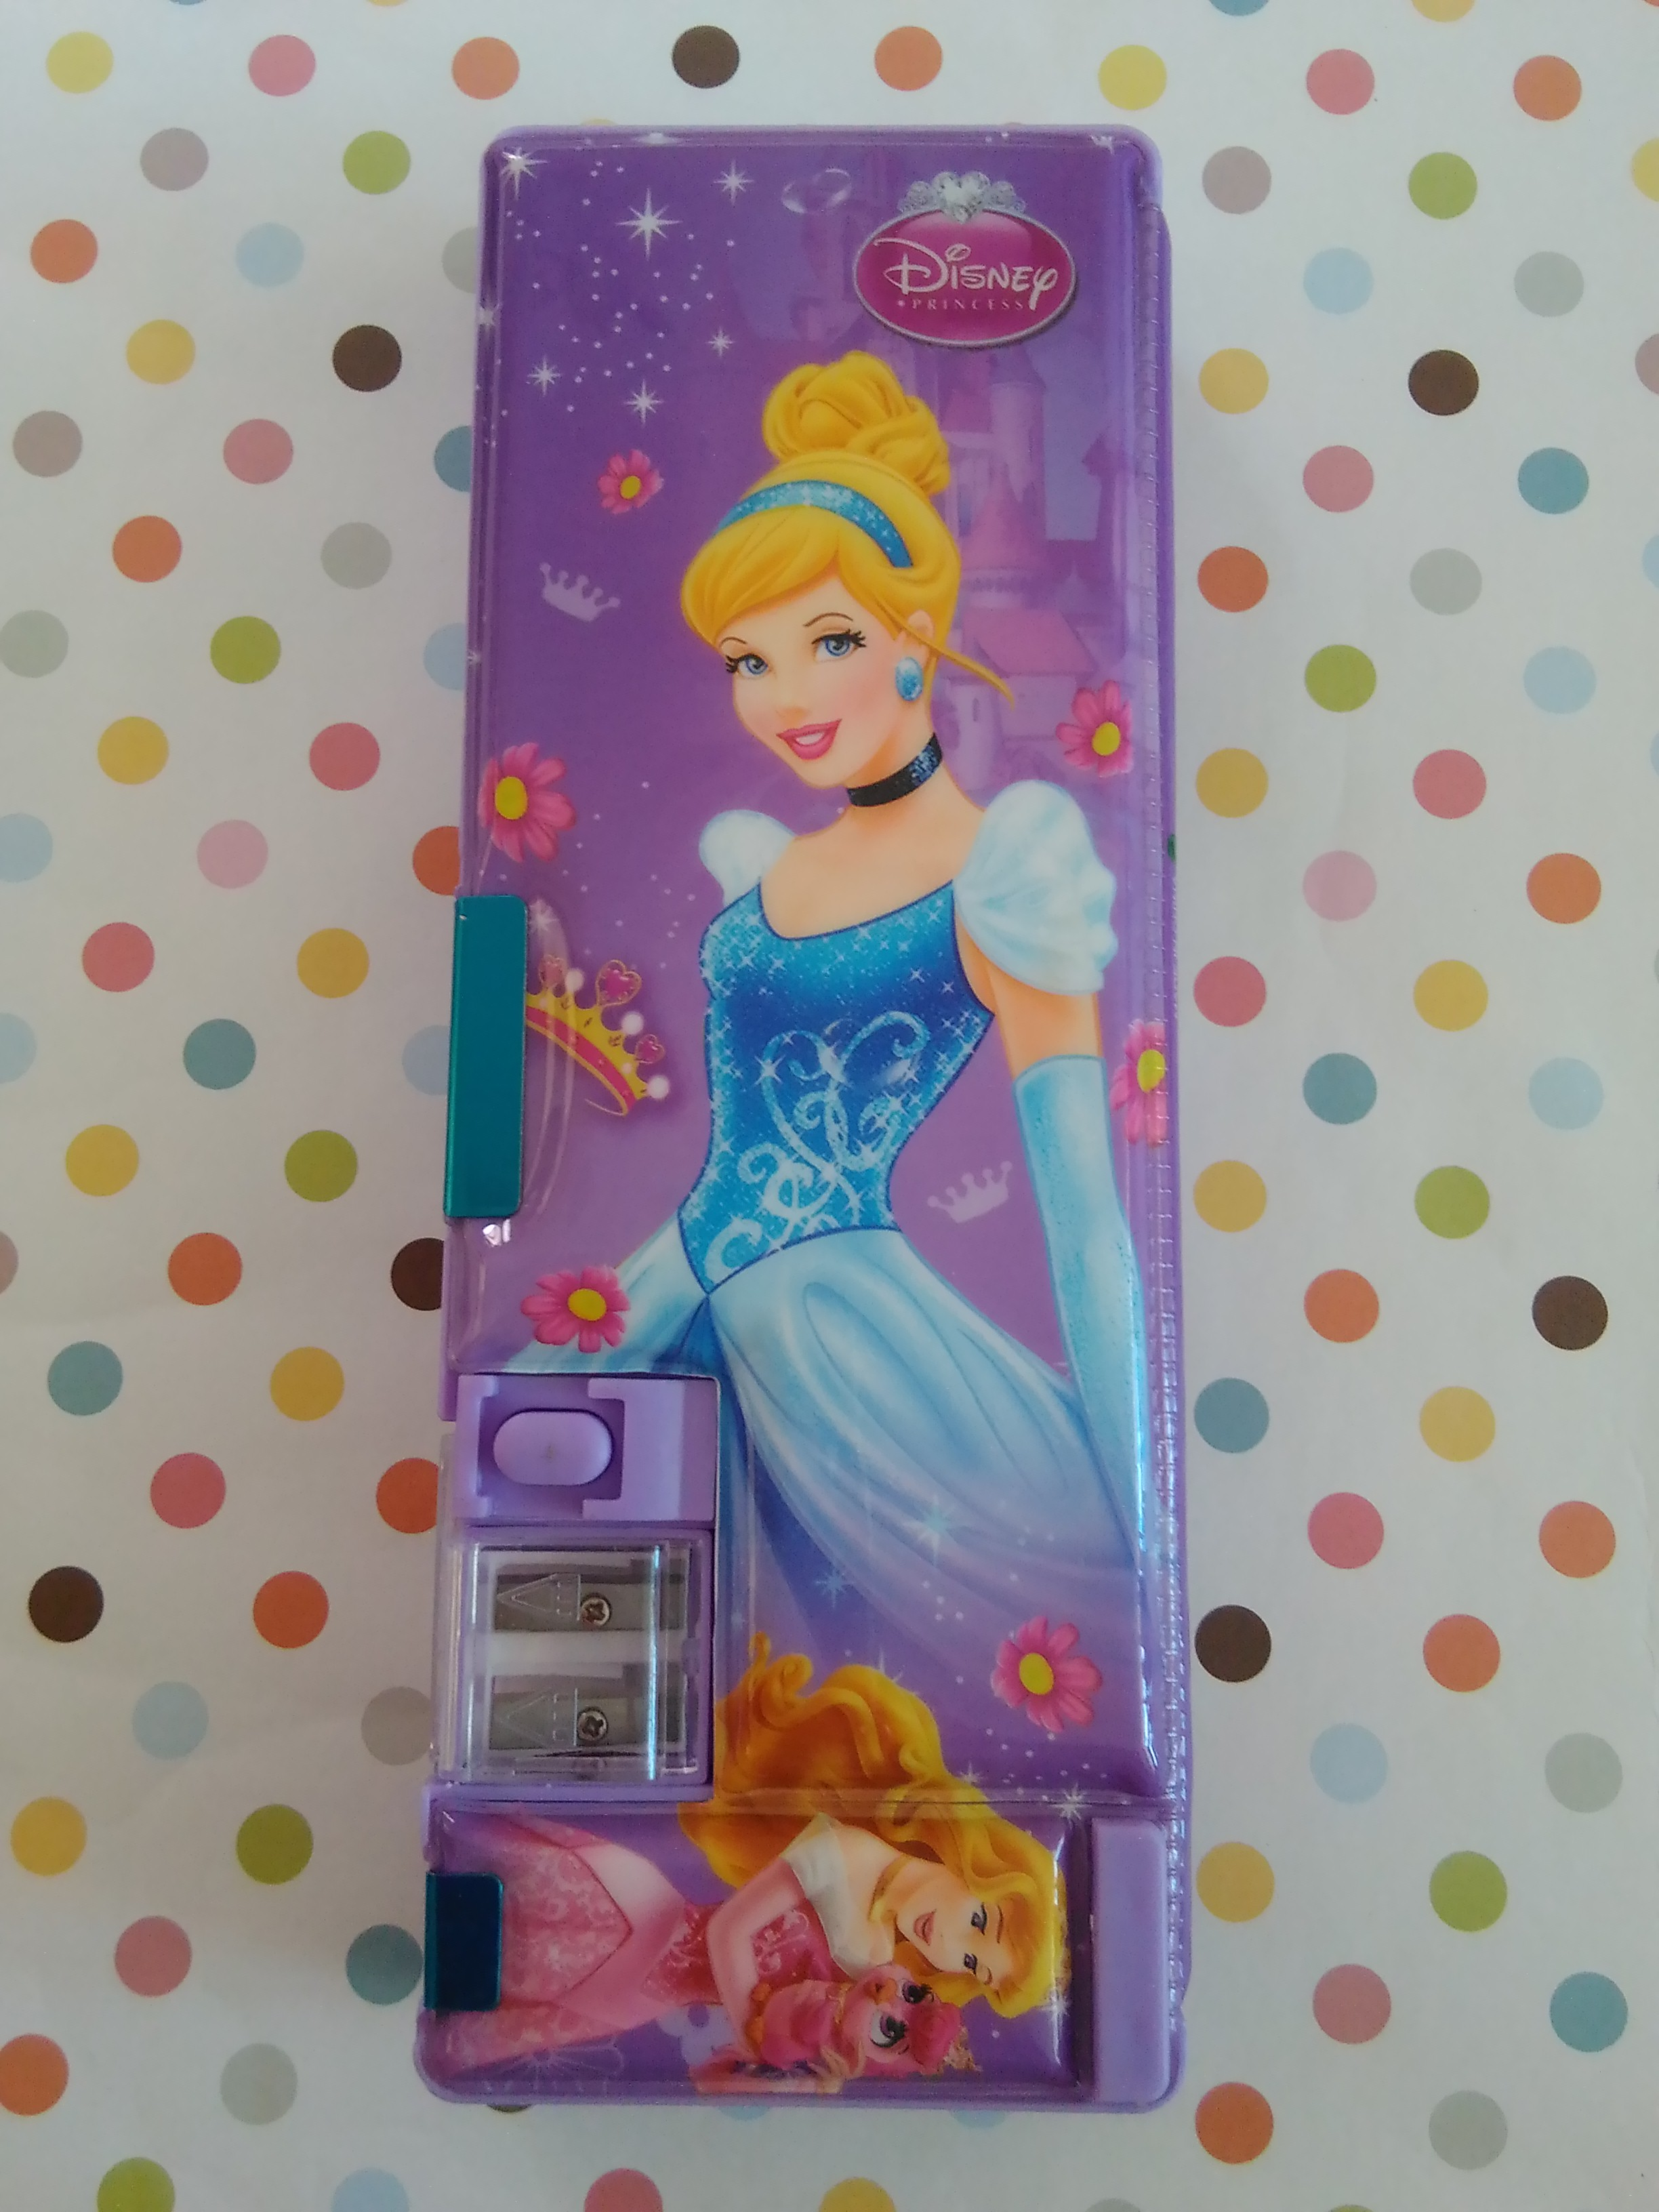 กล่องดินสอแม่เหล็ก เจ้าหญิง princess มีกบเหลาในตัว